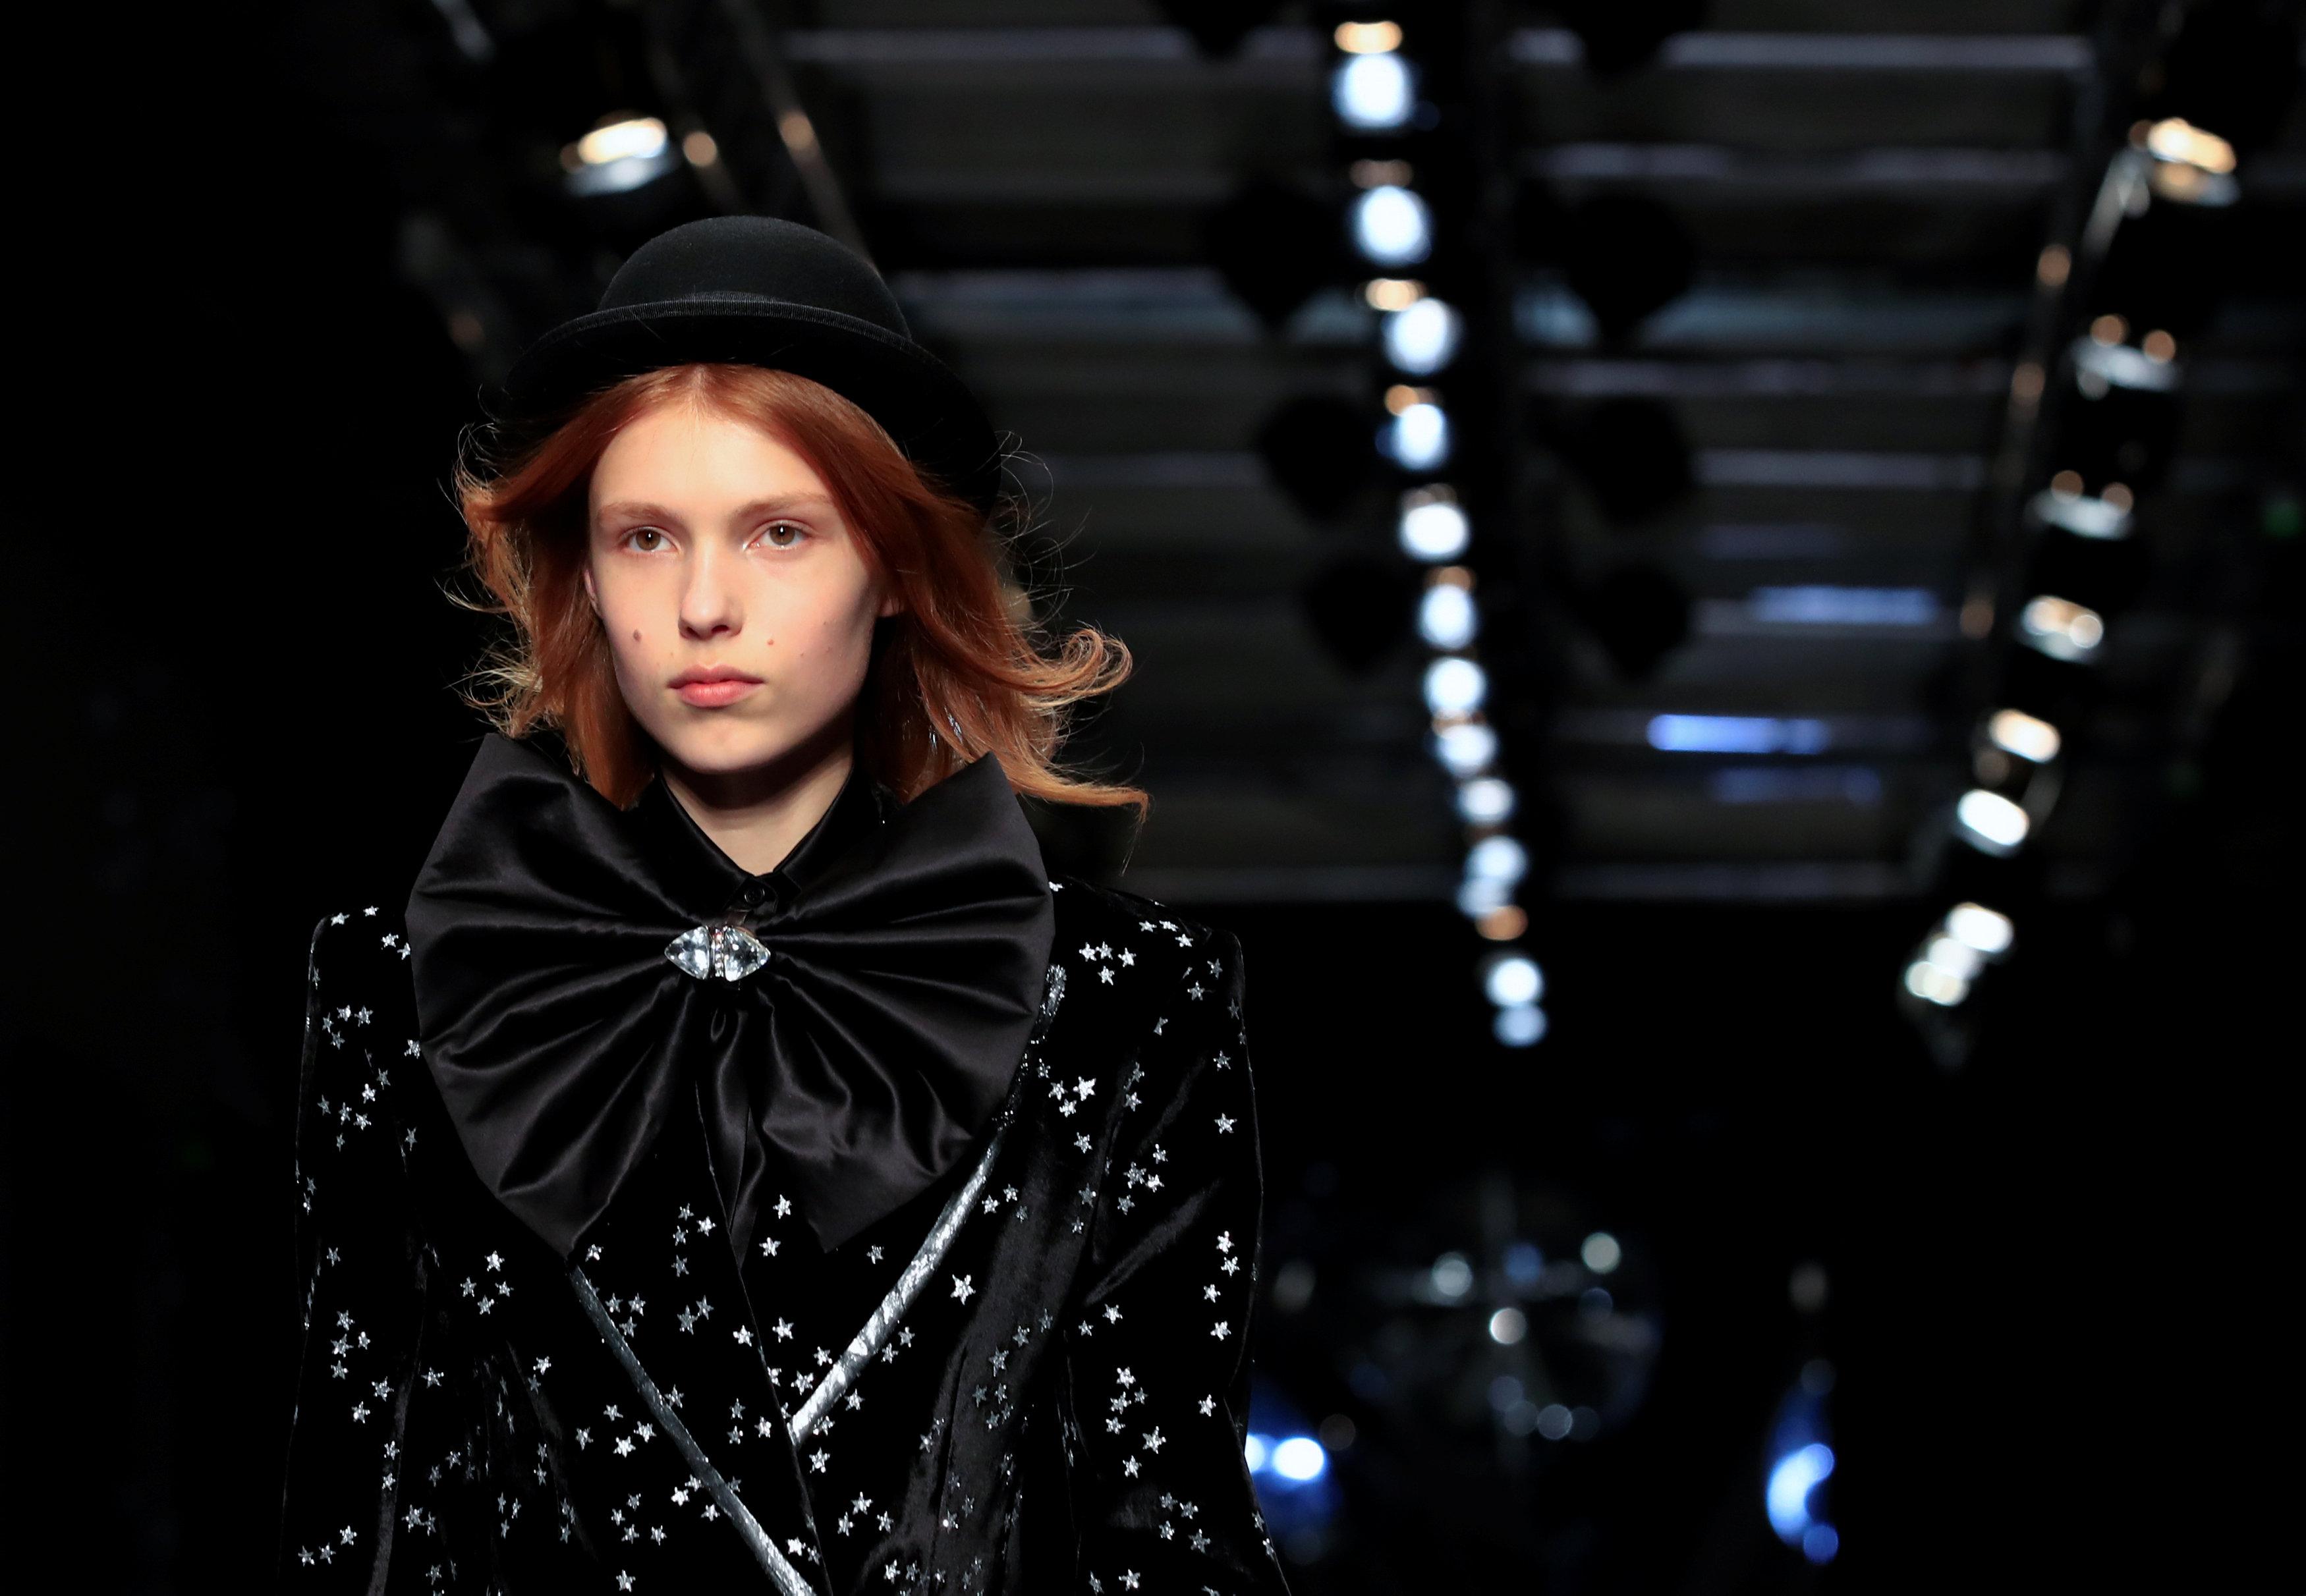 عرض أزياء ماكسيم سيمنز خلال أسبوع الموضة بباريس (18)